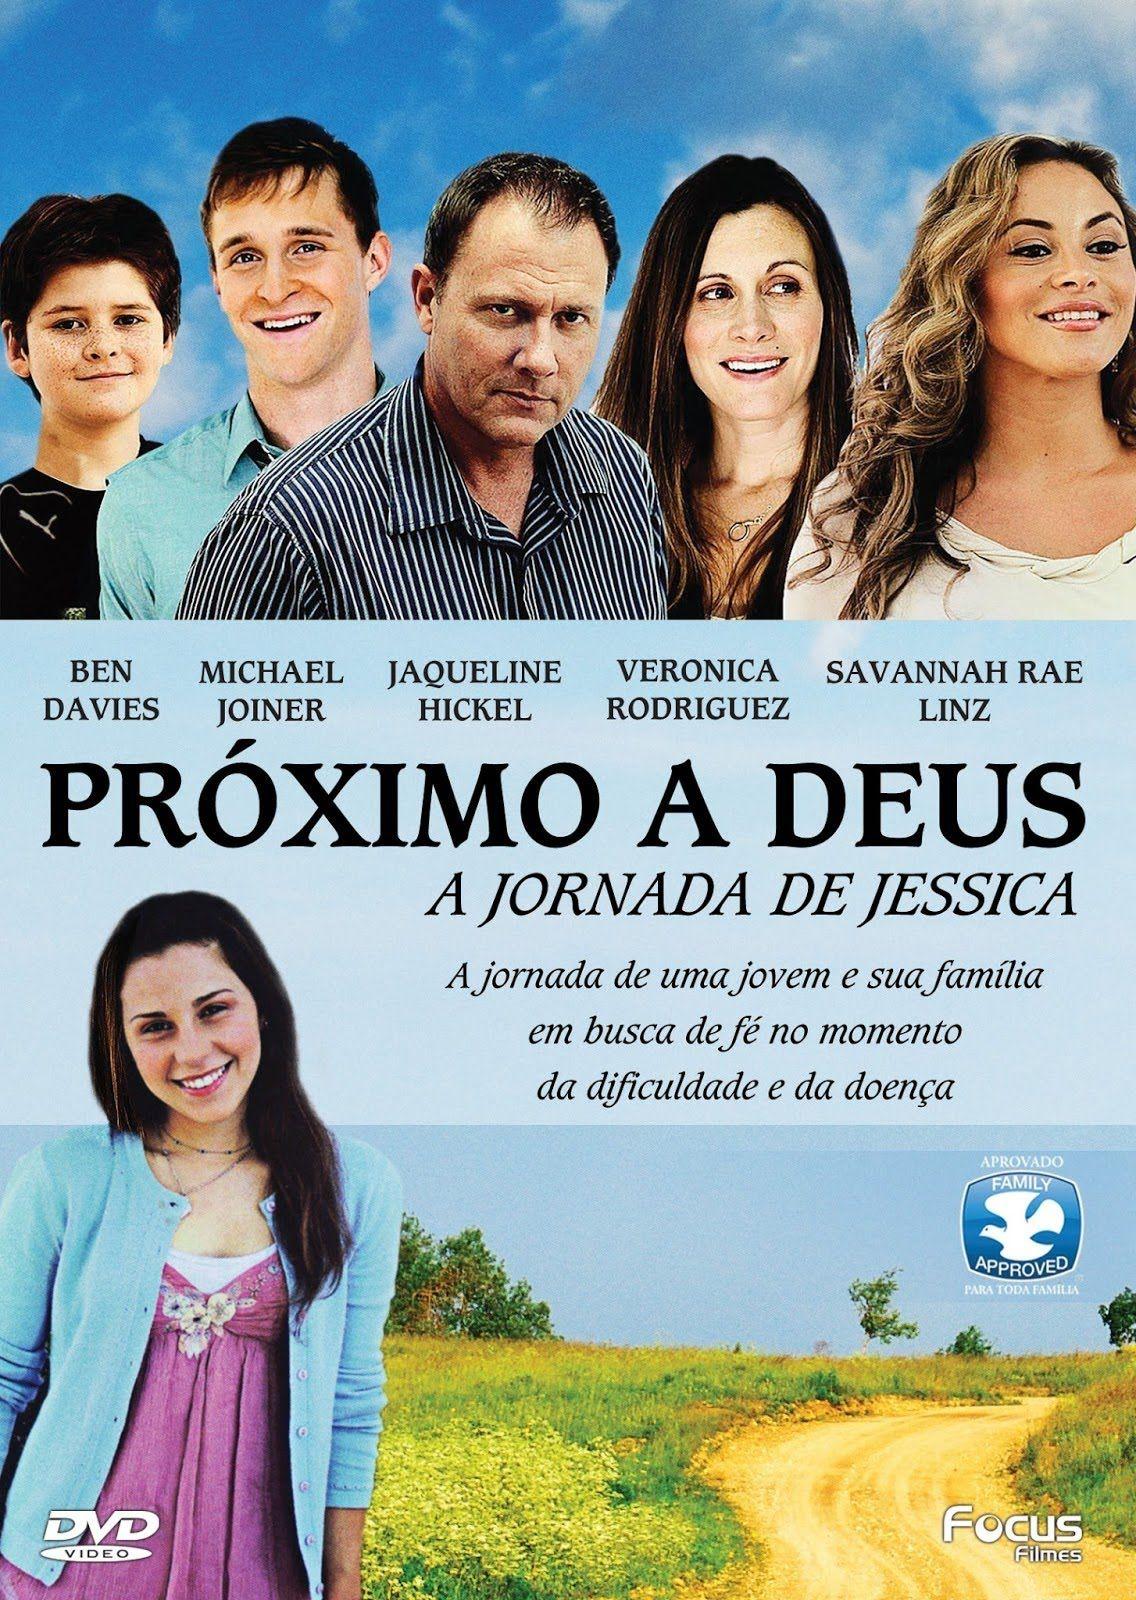 Proximo A Deus A Jornada De Jessica Filme Dublado Filmes